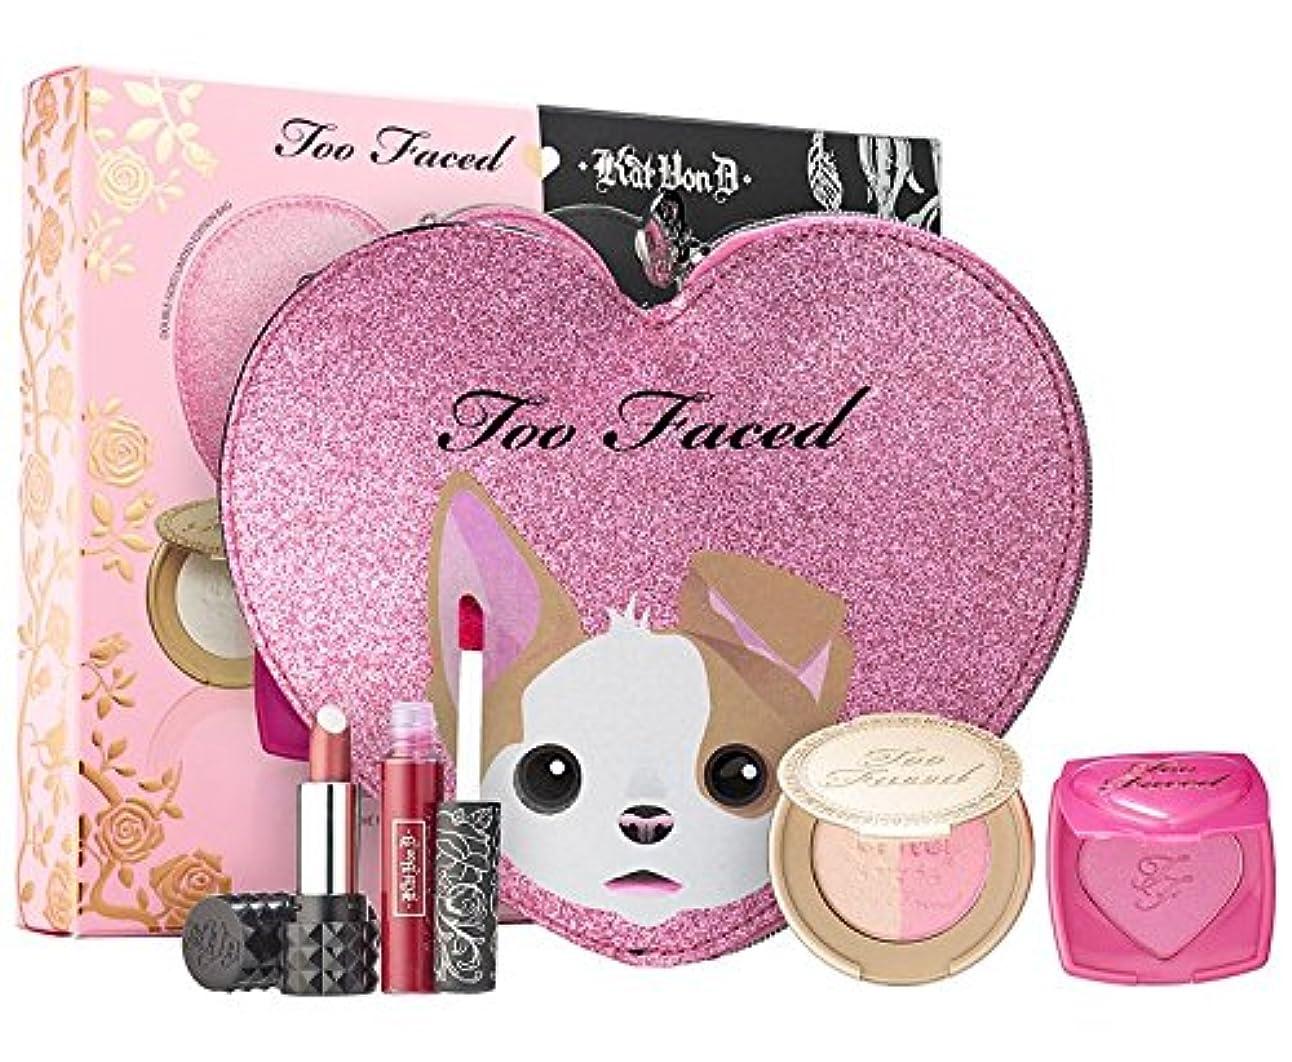 装置レタッチトランクライブラリToo Faced x Kat Von D ~ Better Together Cheek & Lip Makeup Bag Set ~ Limited Edition